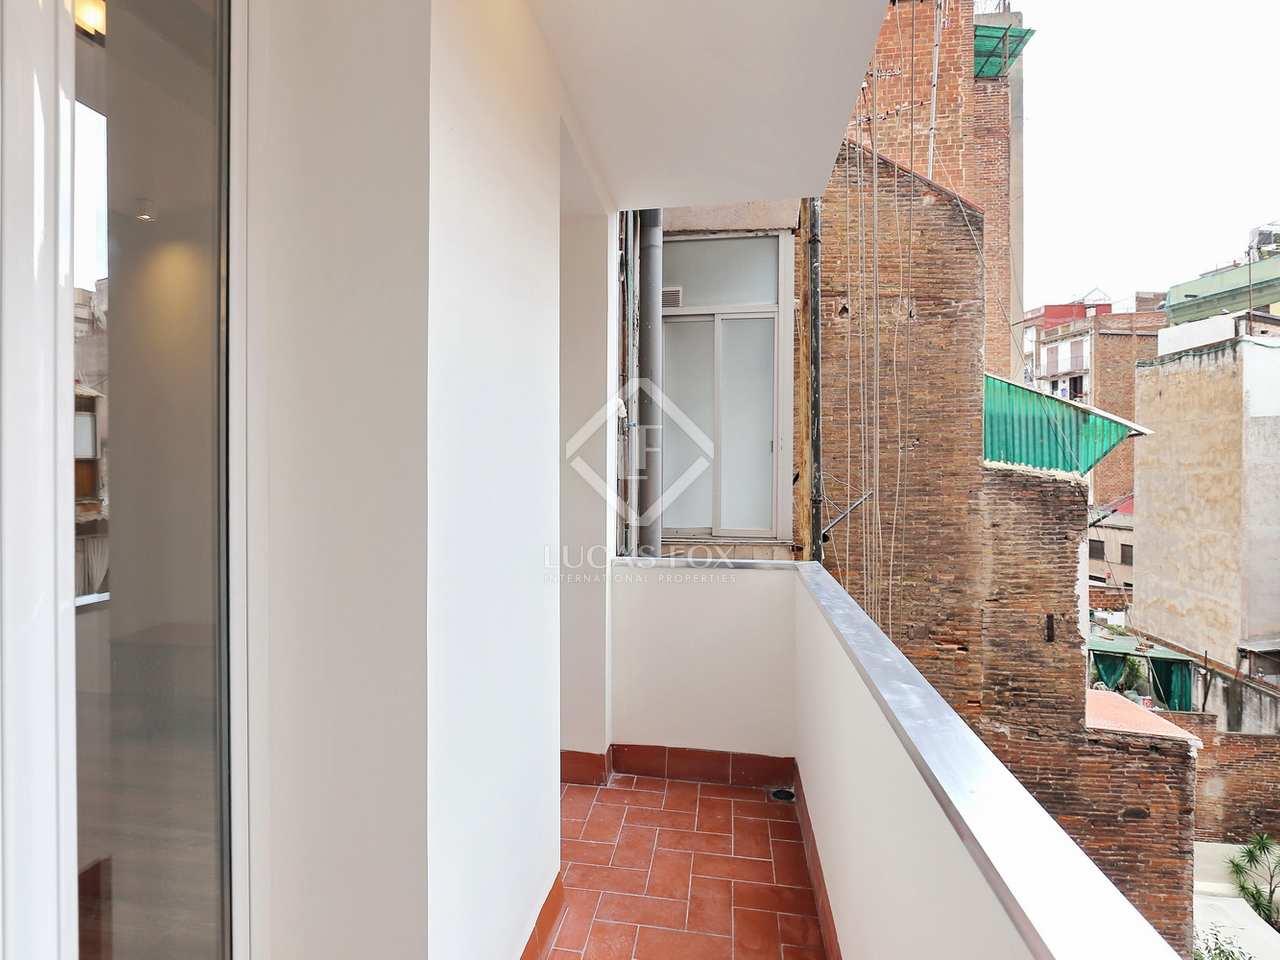 Appartement de 65m a vendre poble sec barcelone for Appartement avec piscine barcelone